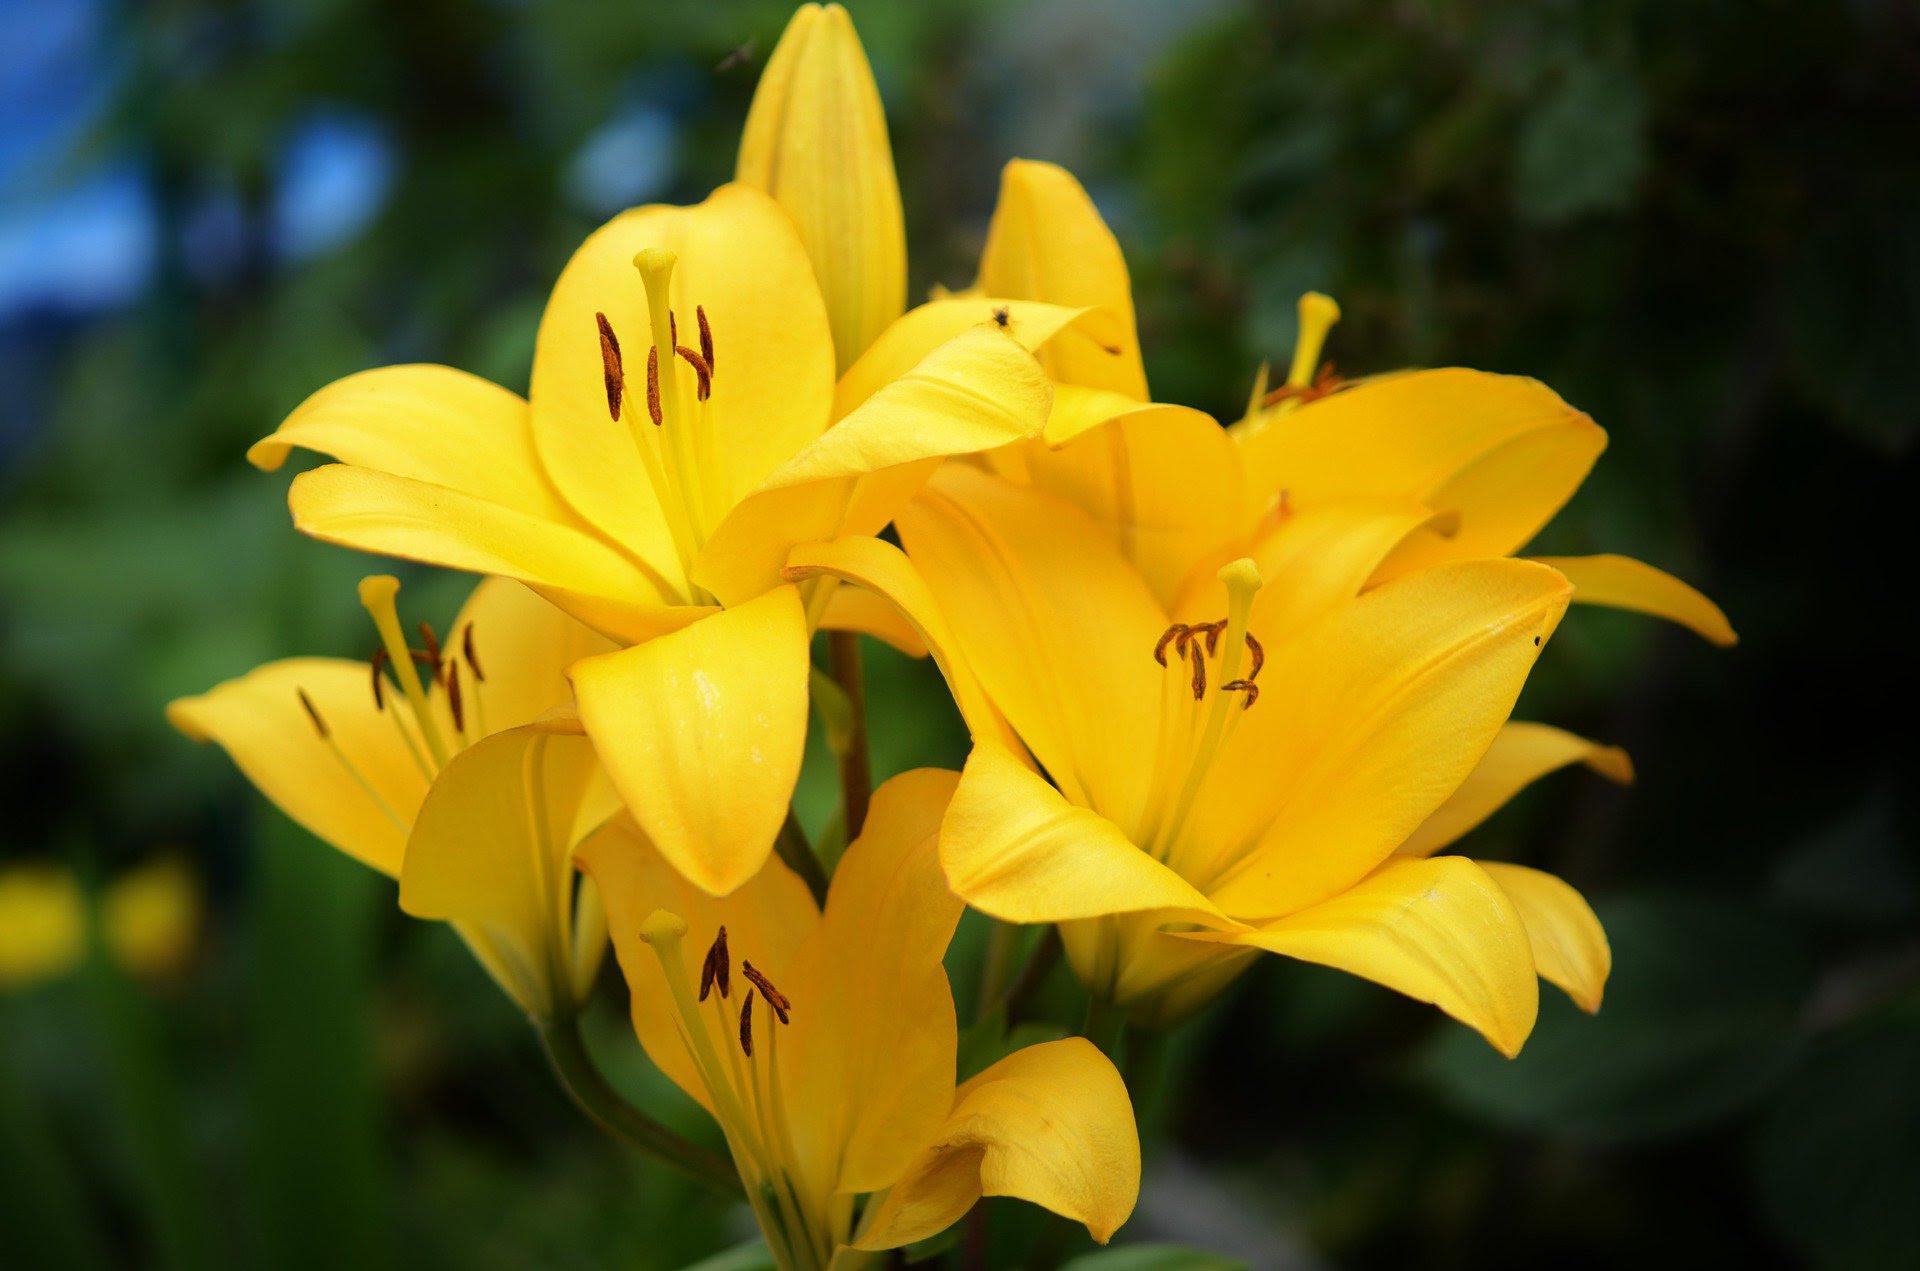 O Significado Das Flores Que Flor Significa O Quê Like3za